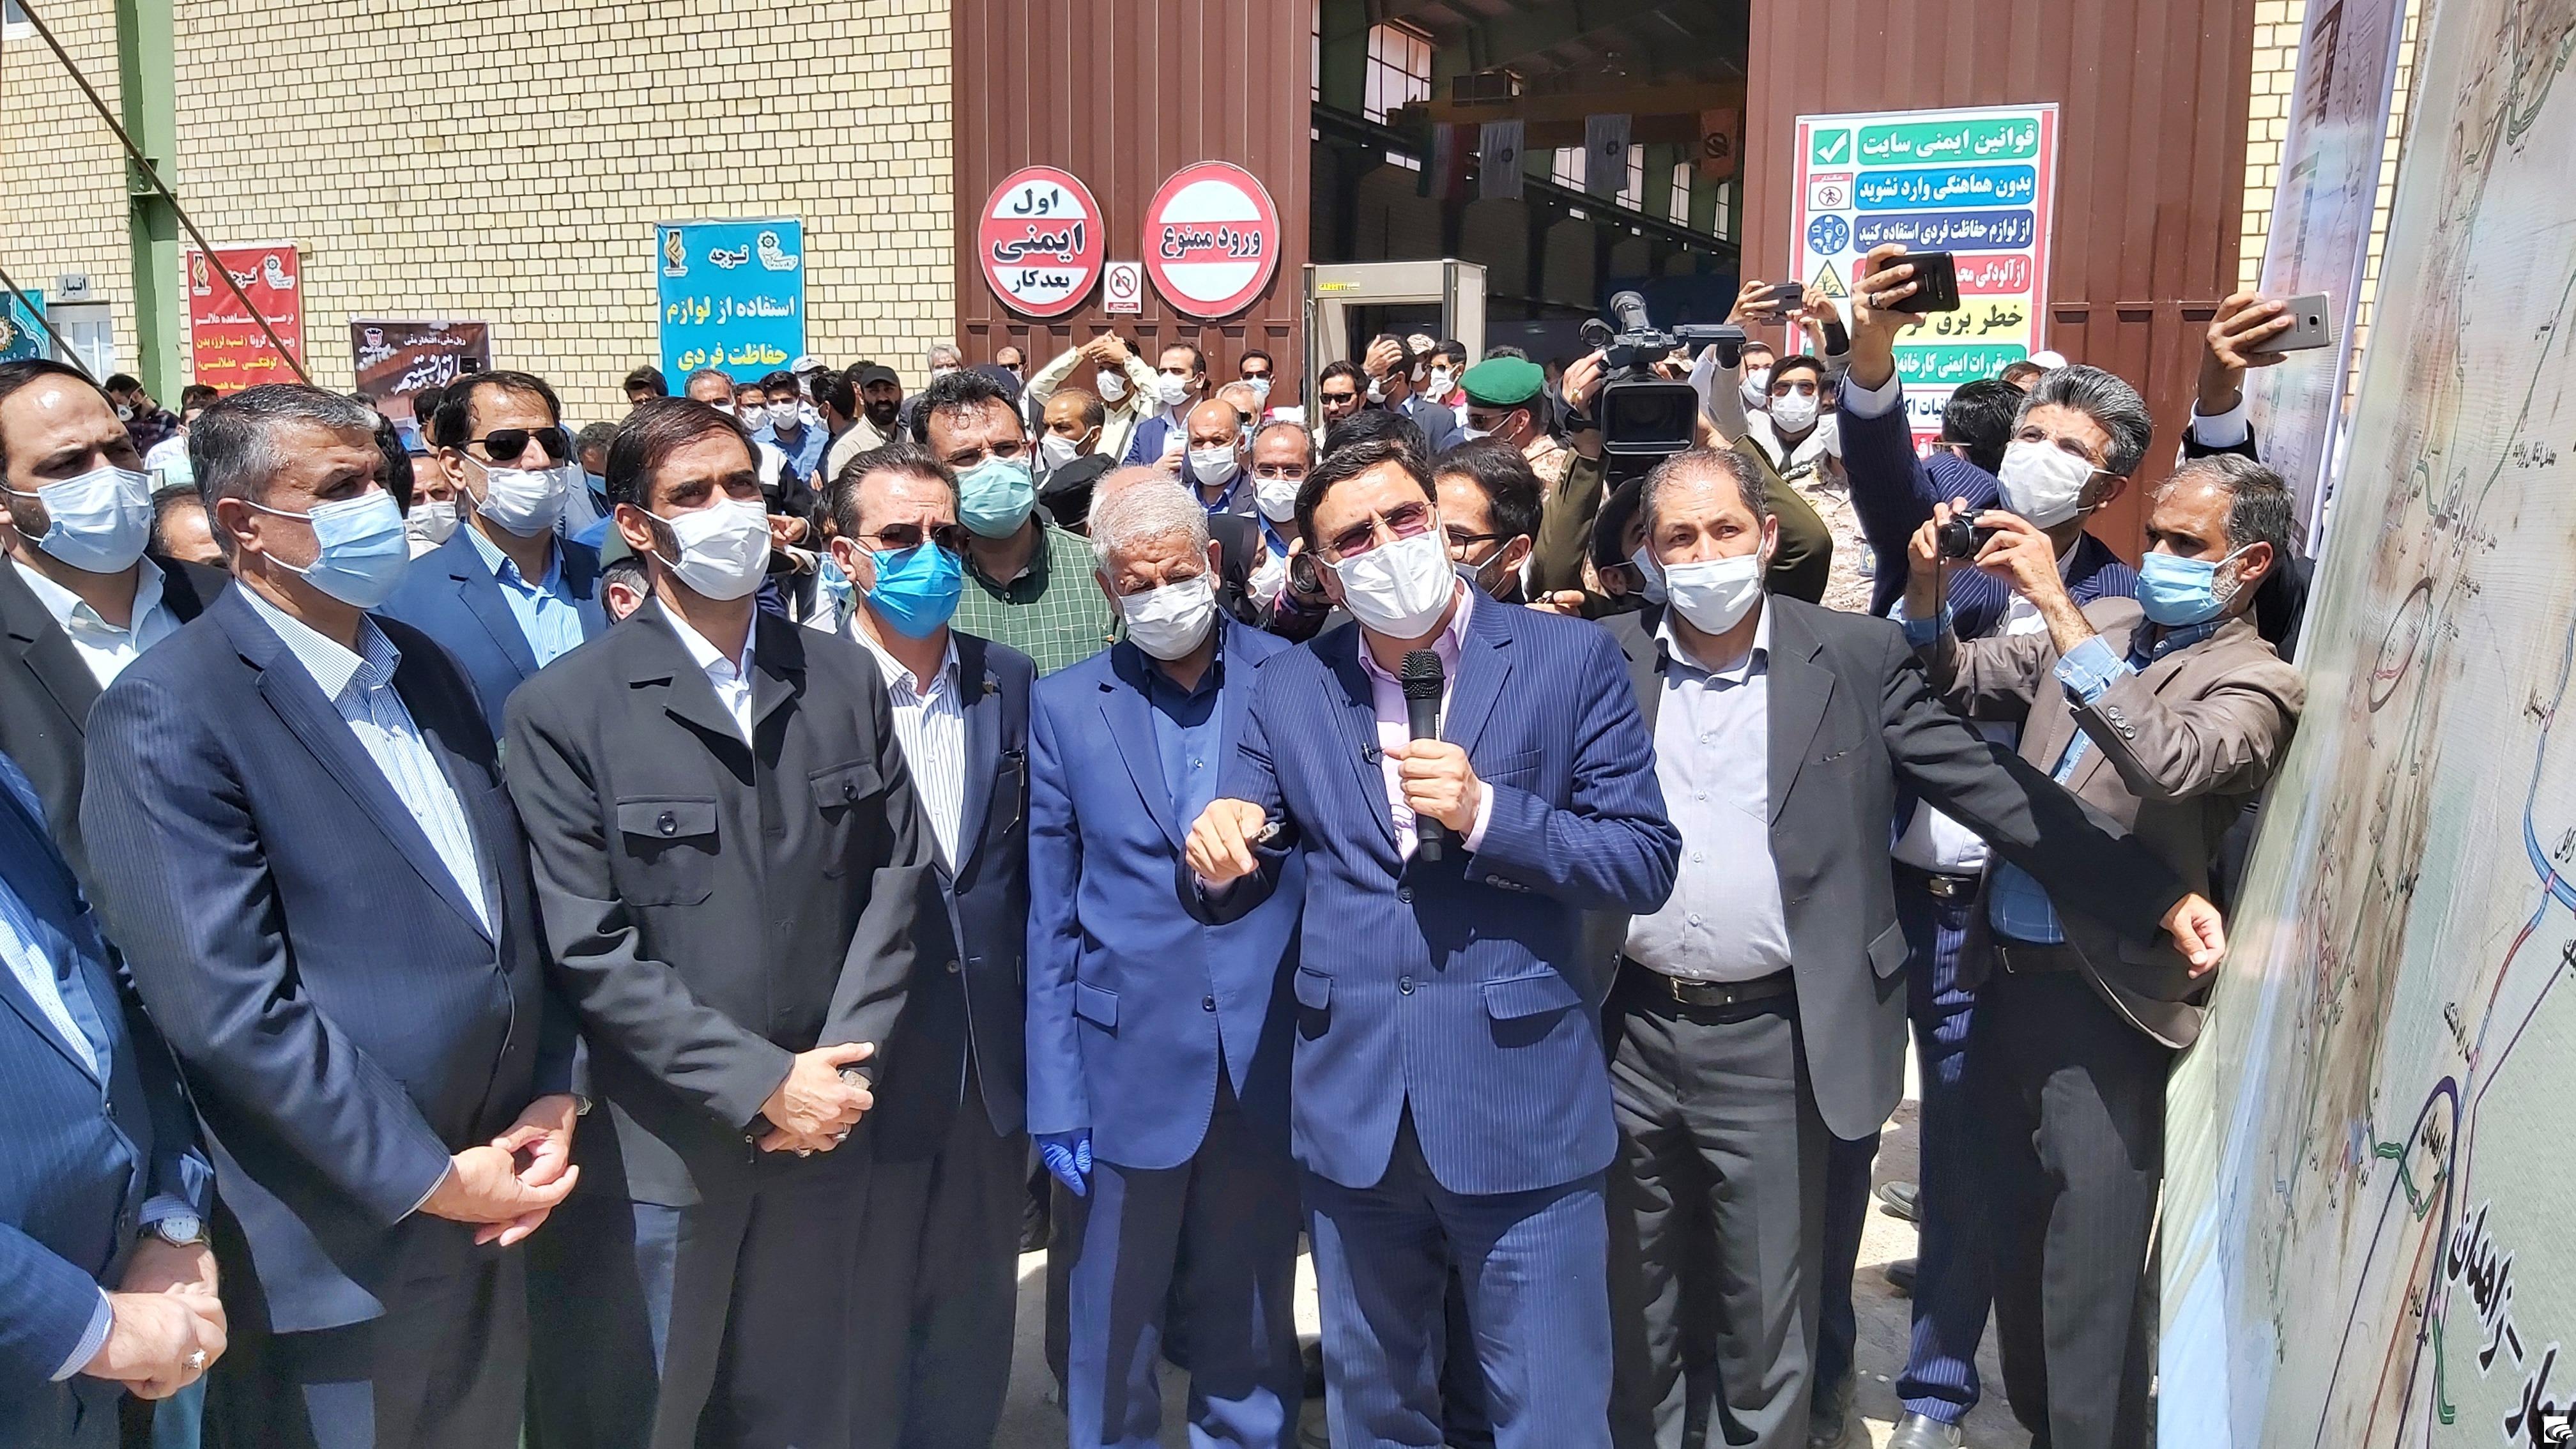 ذوب آهن اصفهان پشتیبان توسعه زیر ساختهای کشور است